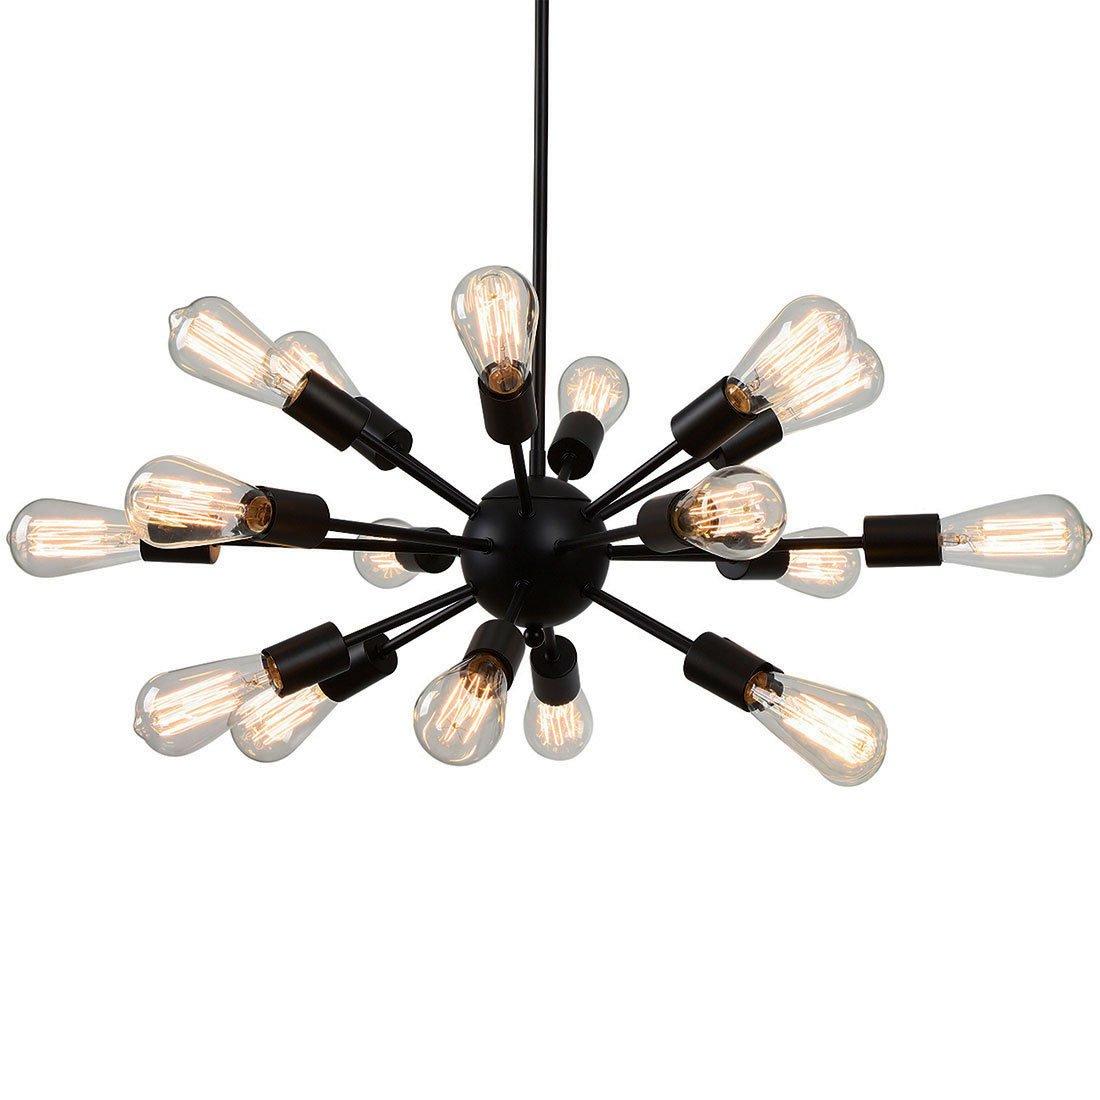 AncientHome 18-Light Industrial Vintage Metal Sputnik Chandelier Lighting Fixture Hanging for Dining Room, Kitchen, Black